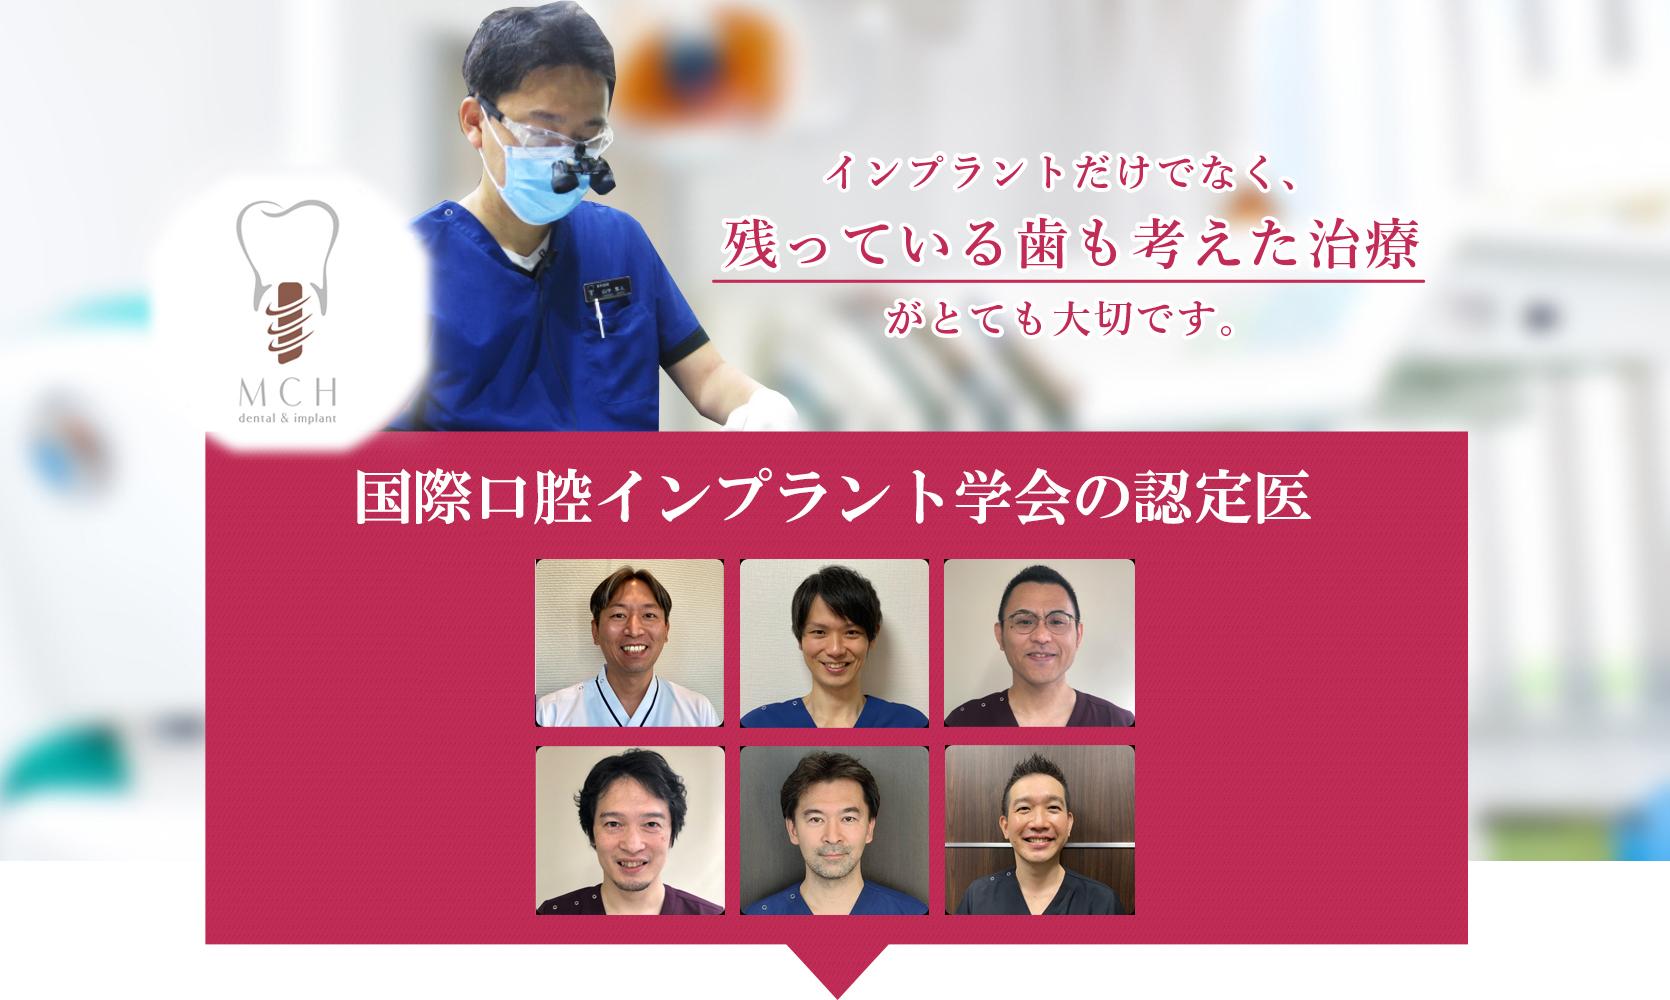 MCH医療法人社団 日坂会インプラントセンター 国際インプラント学会の認定医による治療が選ばれてます。インプラントだけでなく、残っている歯も考えた治療がとても大切です。